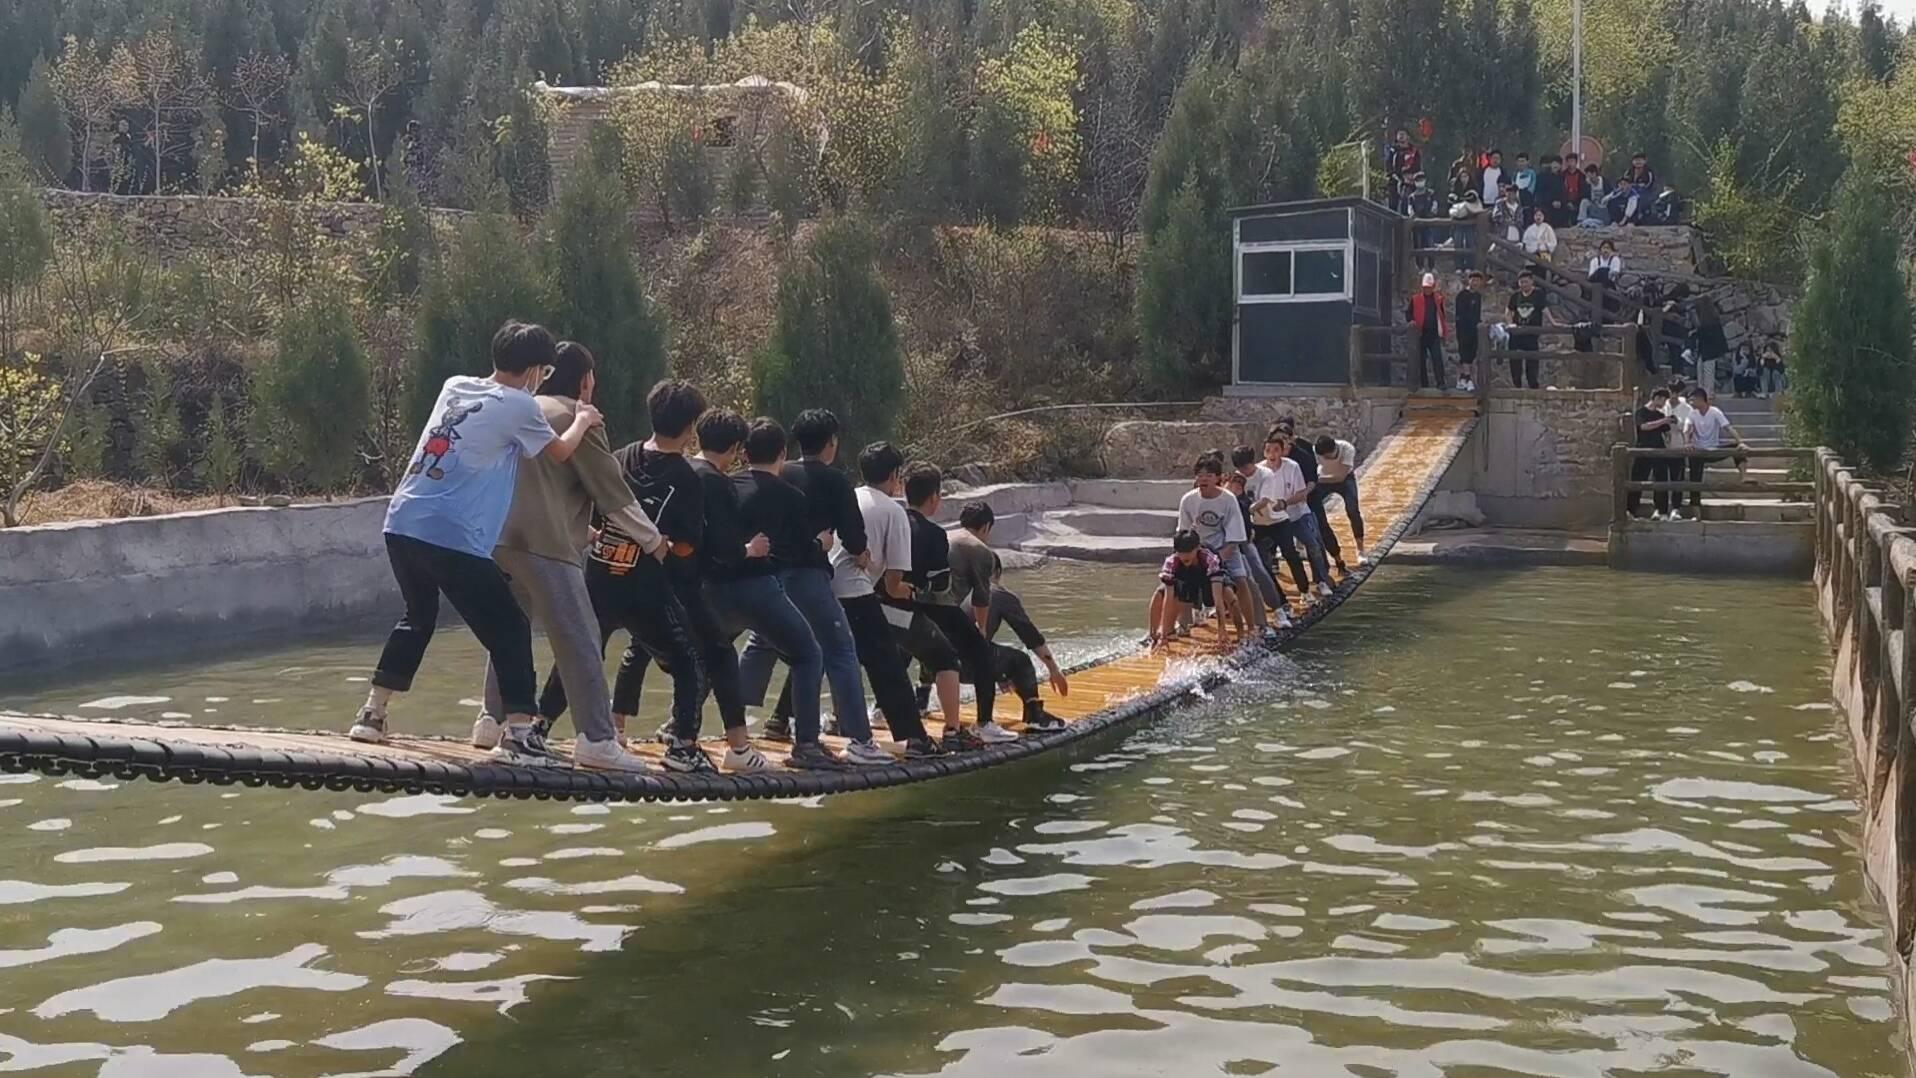 这个清明假期有着落了 记者探访距济南市中心最近生态文娱园